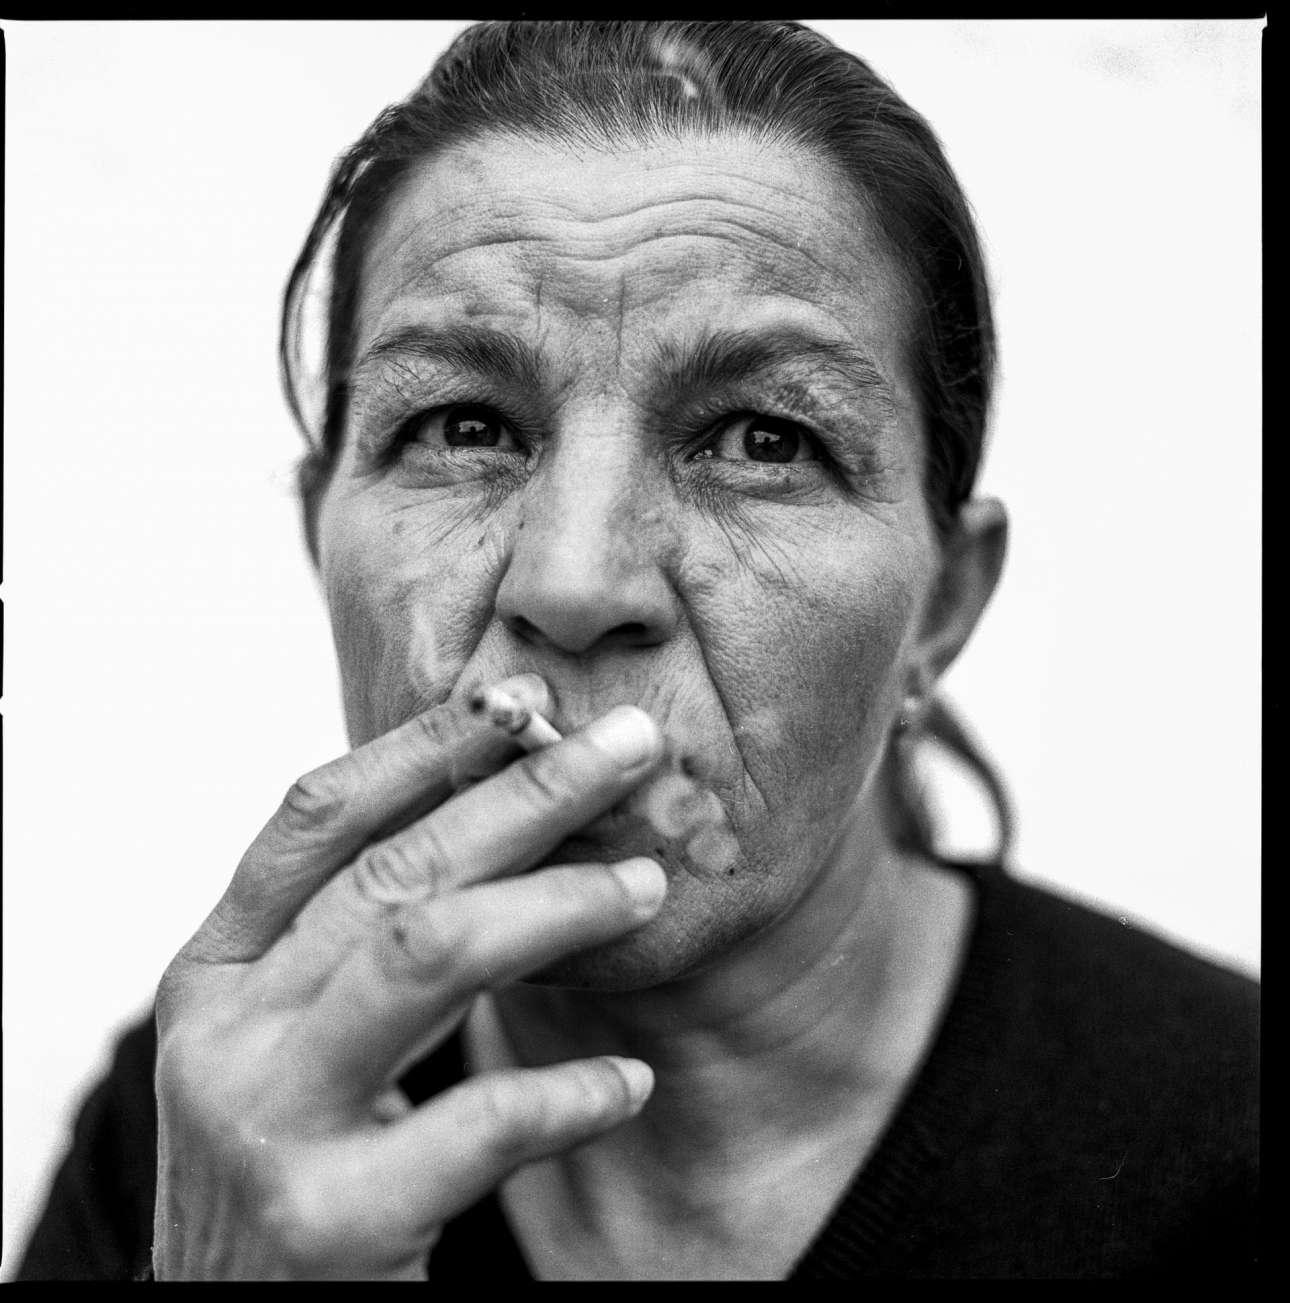 Νταντζόλα Ντρεπέπα, 44 ετών, Αλβανία. Οι «μπουρνέσας» ή αλλιώς «Ορκισμένες Παρθένες της Αλβανίας» είναι αλβανίδες γυναίκες που σε νεαρή ηλικία επιλέγουν να περάσουν την υπόλοιπη ζωή τους ως άνδρες. Κάποιες φορές το επιλέγουν οι ίδιες προκειμένου να ζήσουν ανεξάρτητες ή για να αποφύγουν έναν γάμο από προξενιό, αλλά τις περισσότερε φορές είναι αναγκαίο για να σωθεί η τιμή της οικογένειας όταν δεν υπάρχει άνδρας. Οι γυναίκες αυτές ορκίζονται σε μία ζωή αγαμίας και ντύνονται και συμπεριφέρονται σαν άνδρες